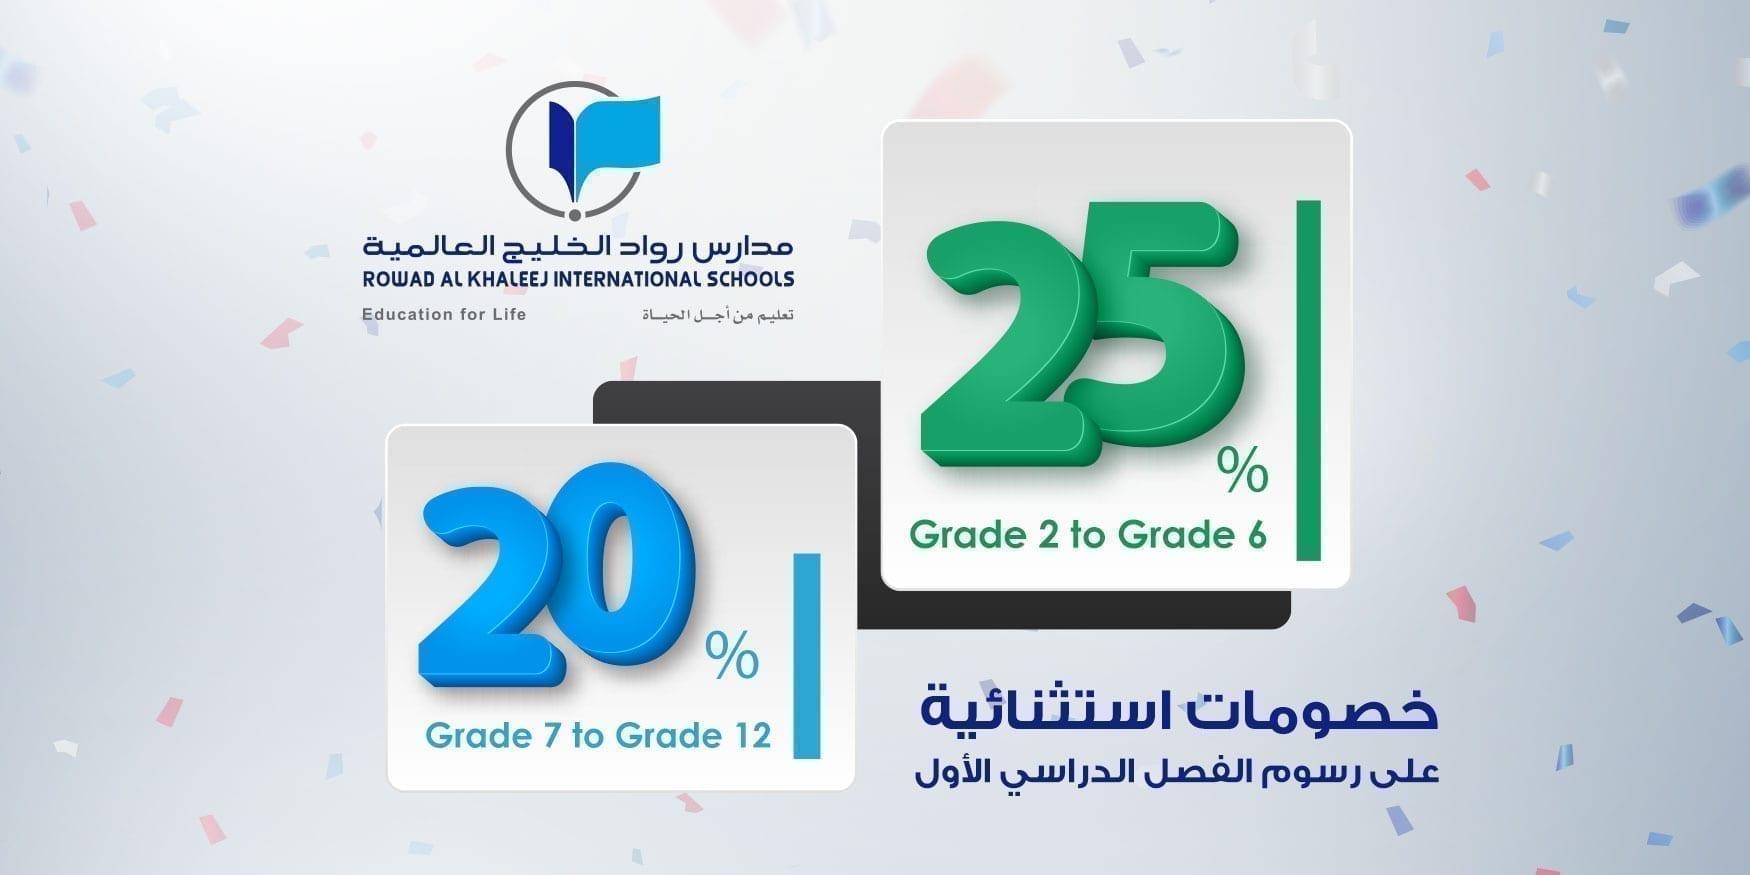 Exceptional discounts in Riyadh